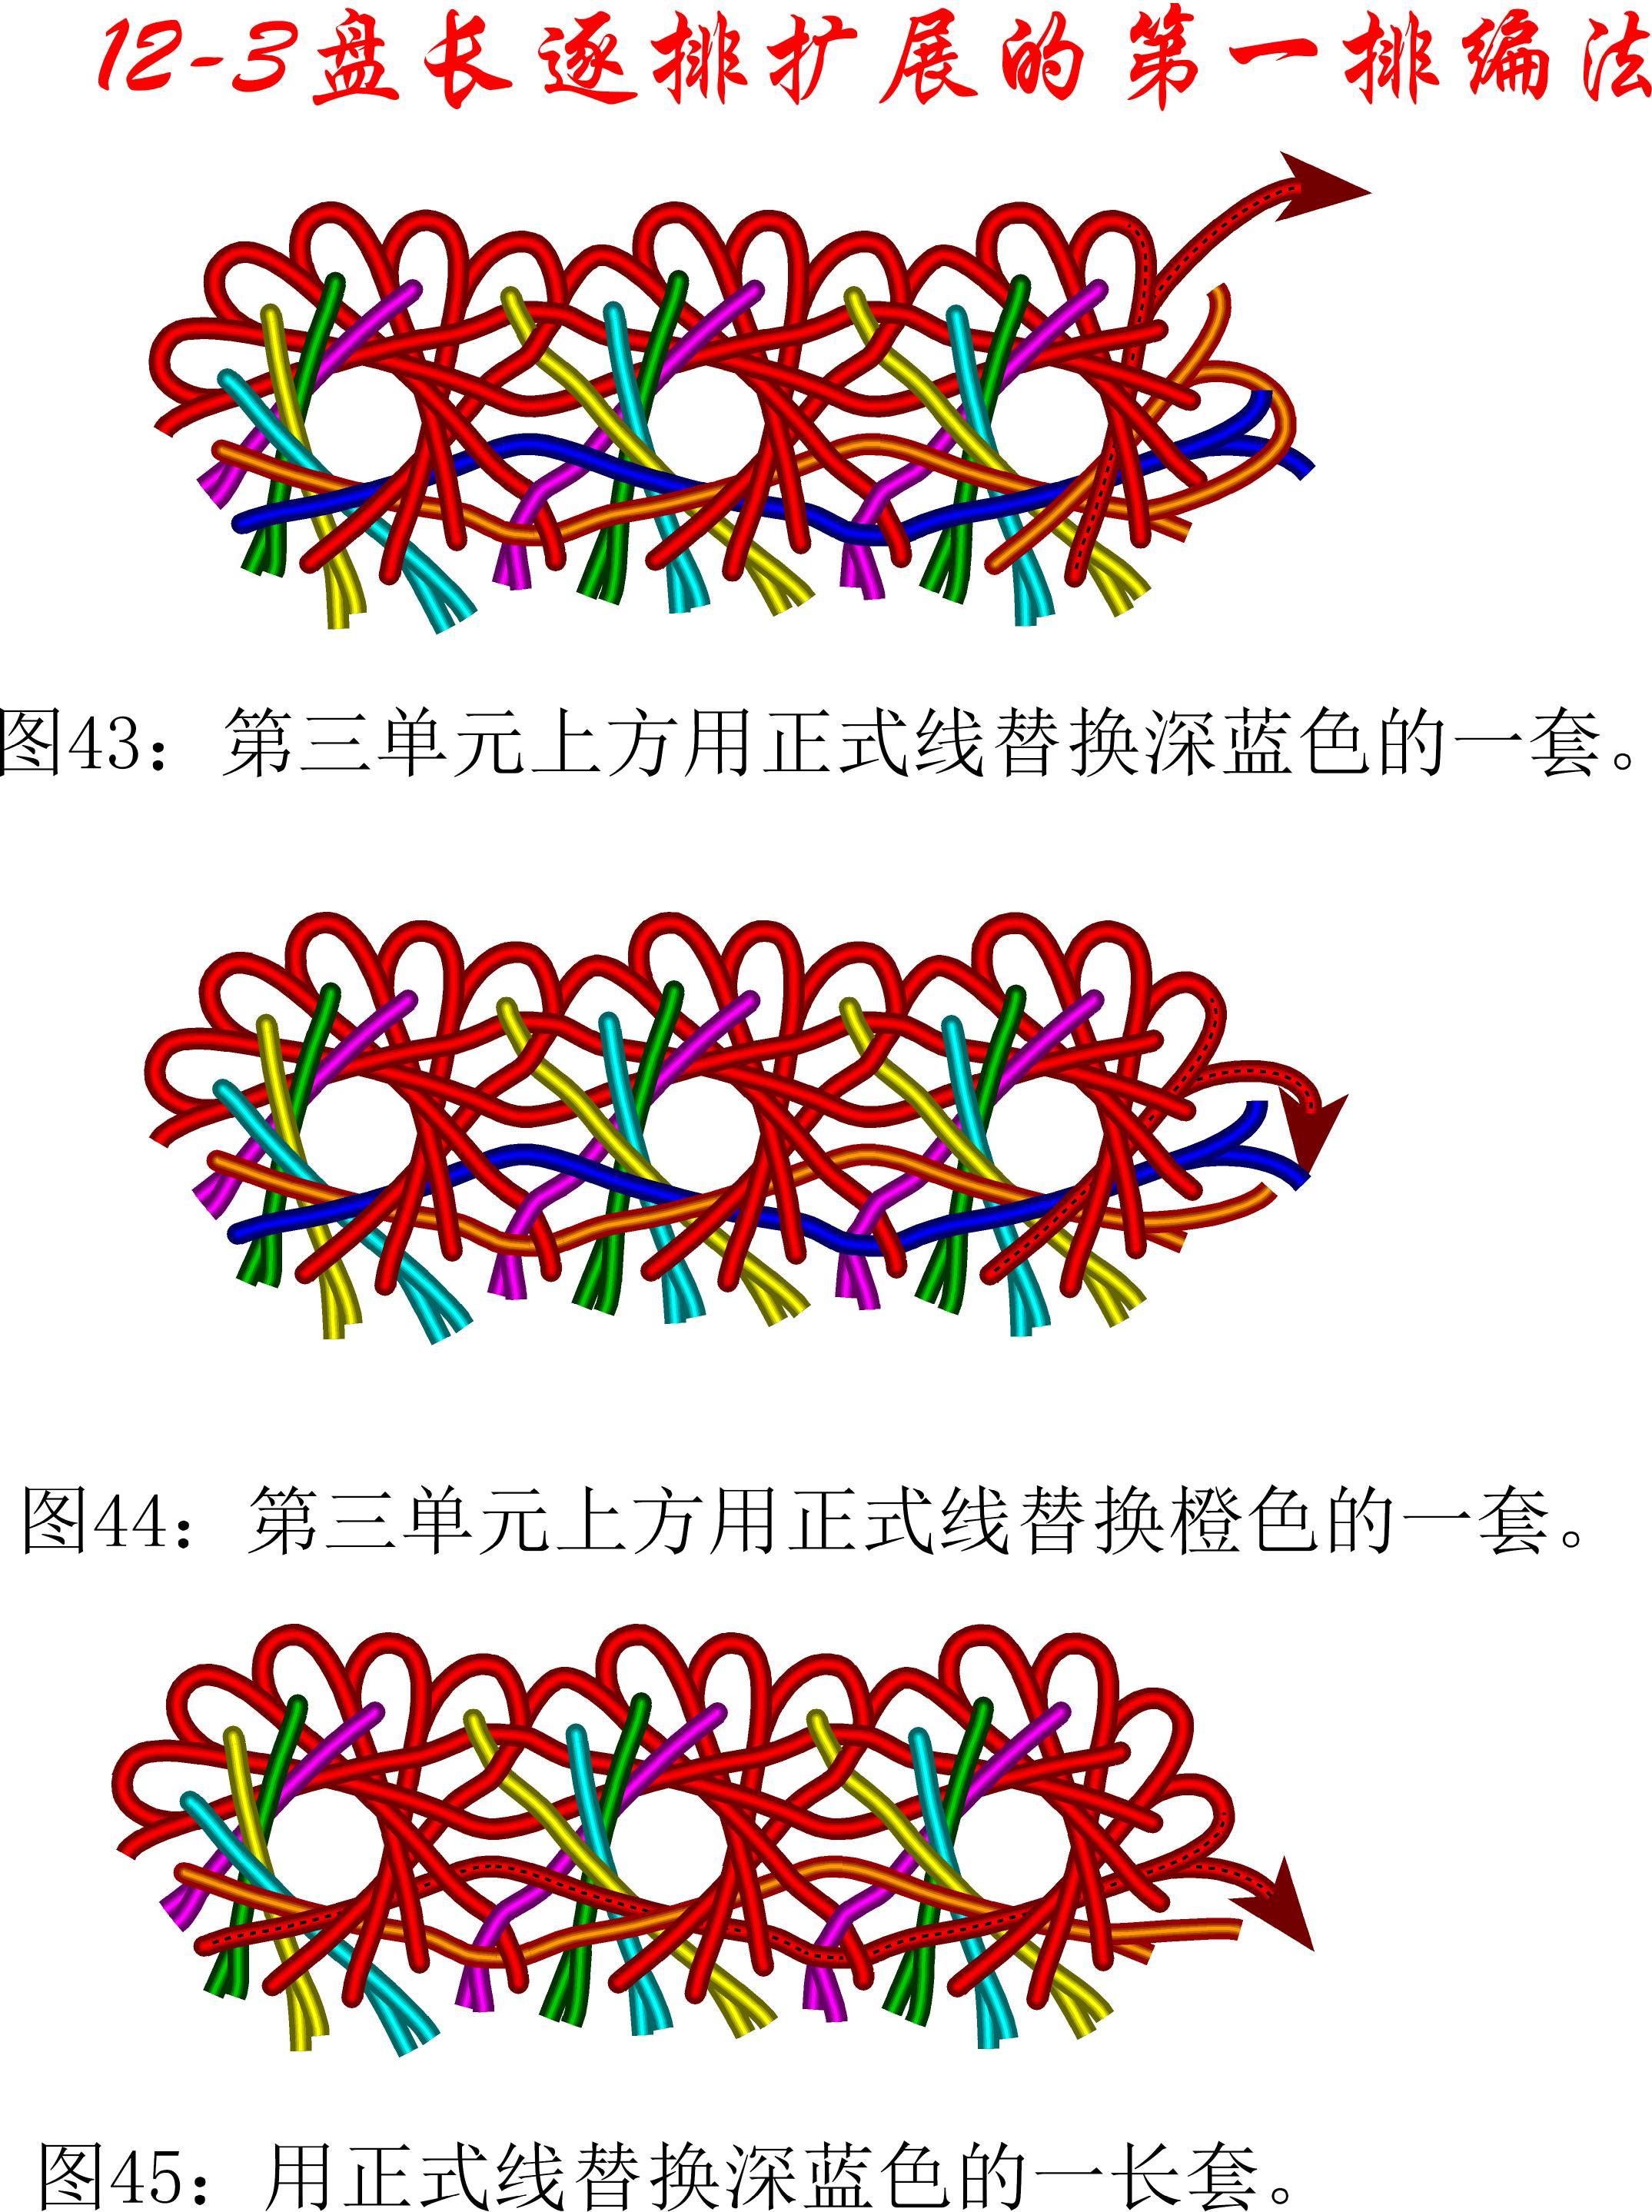 中国结论坛 12-3排扩展法第一排的基盘长编法教程 教程,共基接法,扩展法定义,定基分析法,扩展编码法 丑丑徒手编结 111246g1iq3wzw4aqne7gh